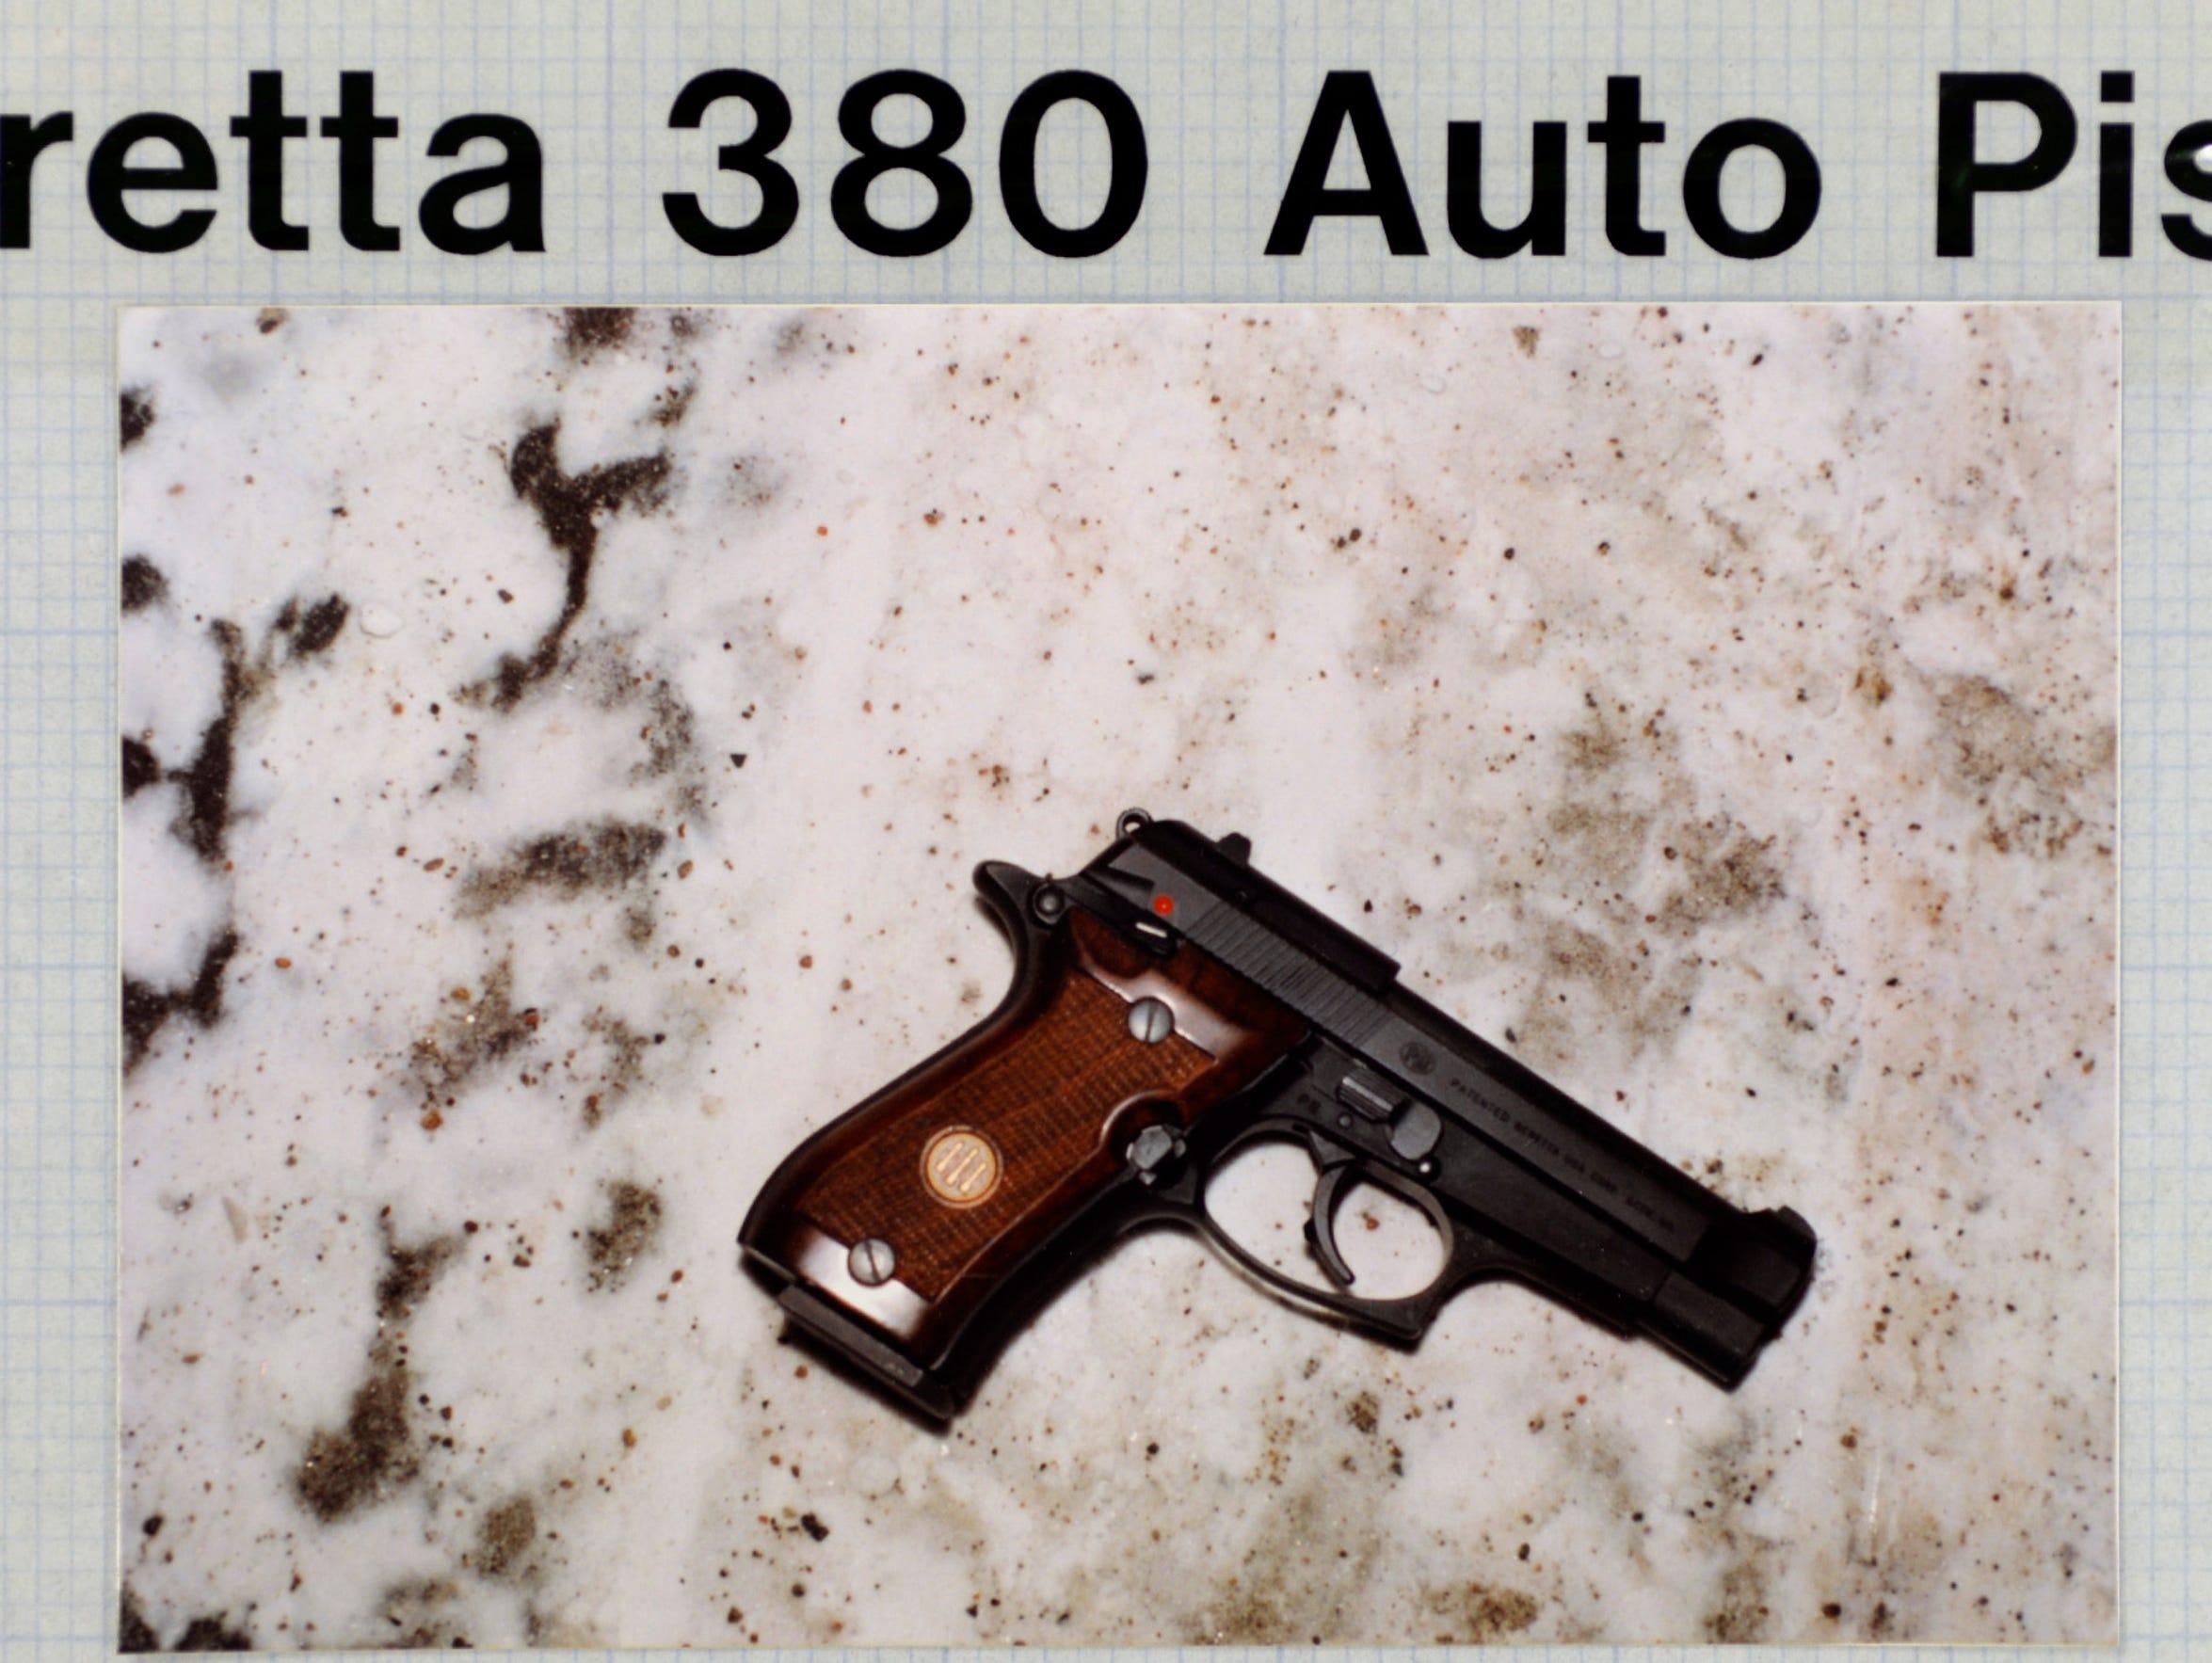 The handgun found where Thomas Kantor was shot by a